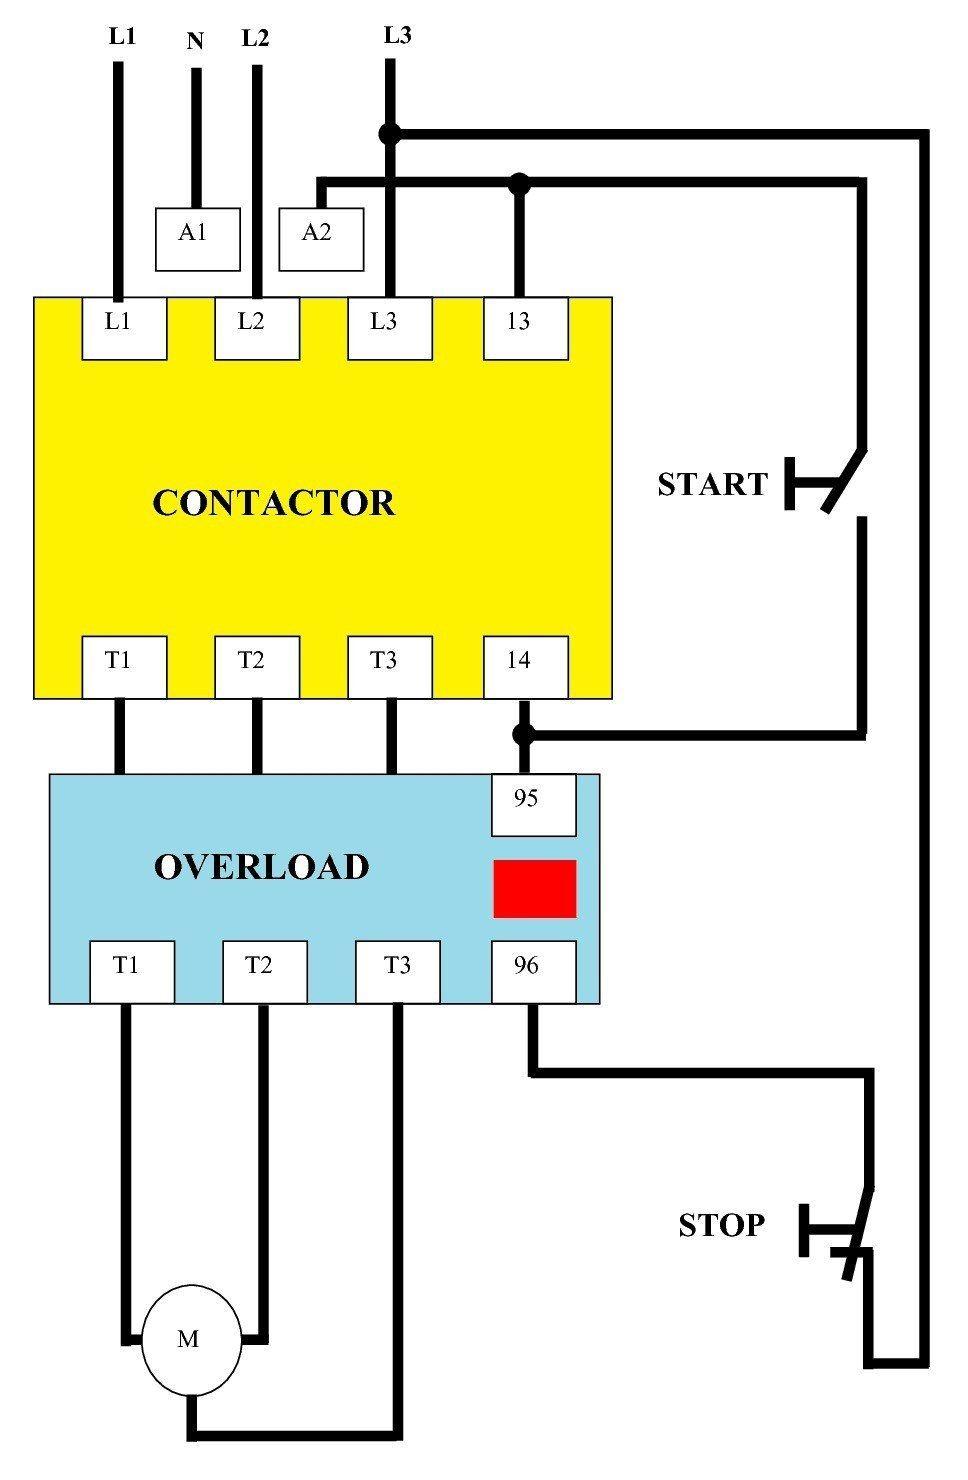 single starter circuit diagram manual e bookdol starter circuit diagram wiring single phase for motor stardol [ 968 x 1480 Pixel ]